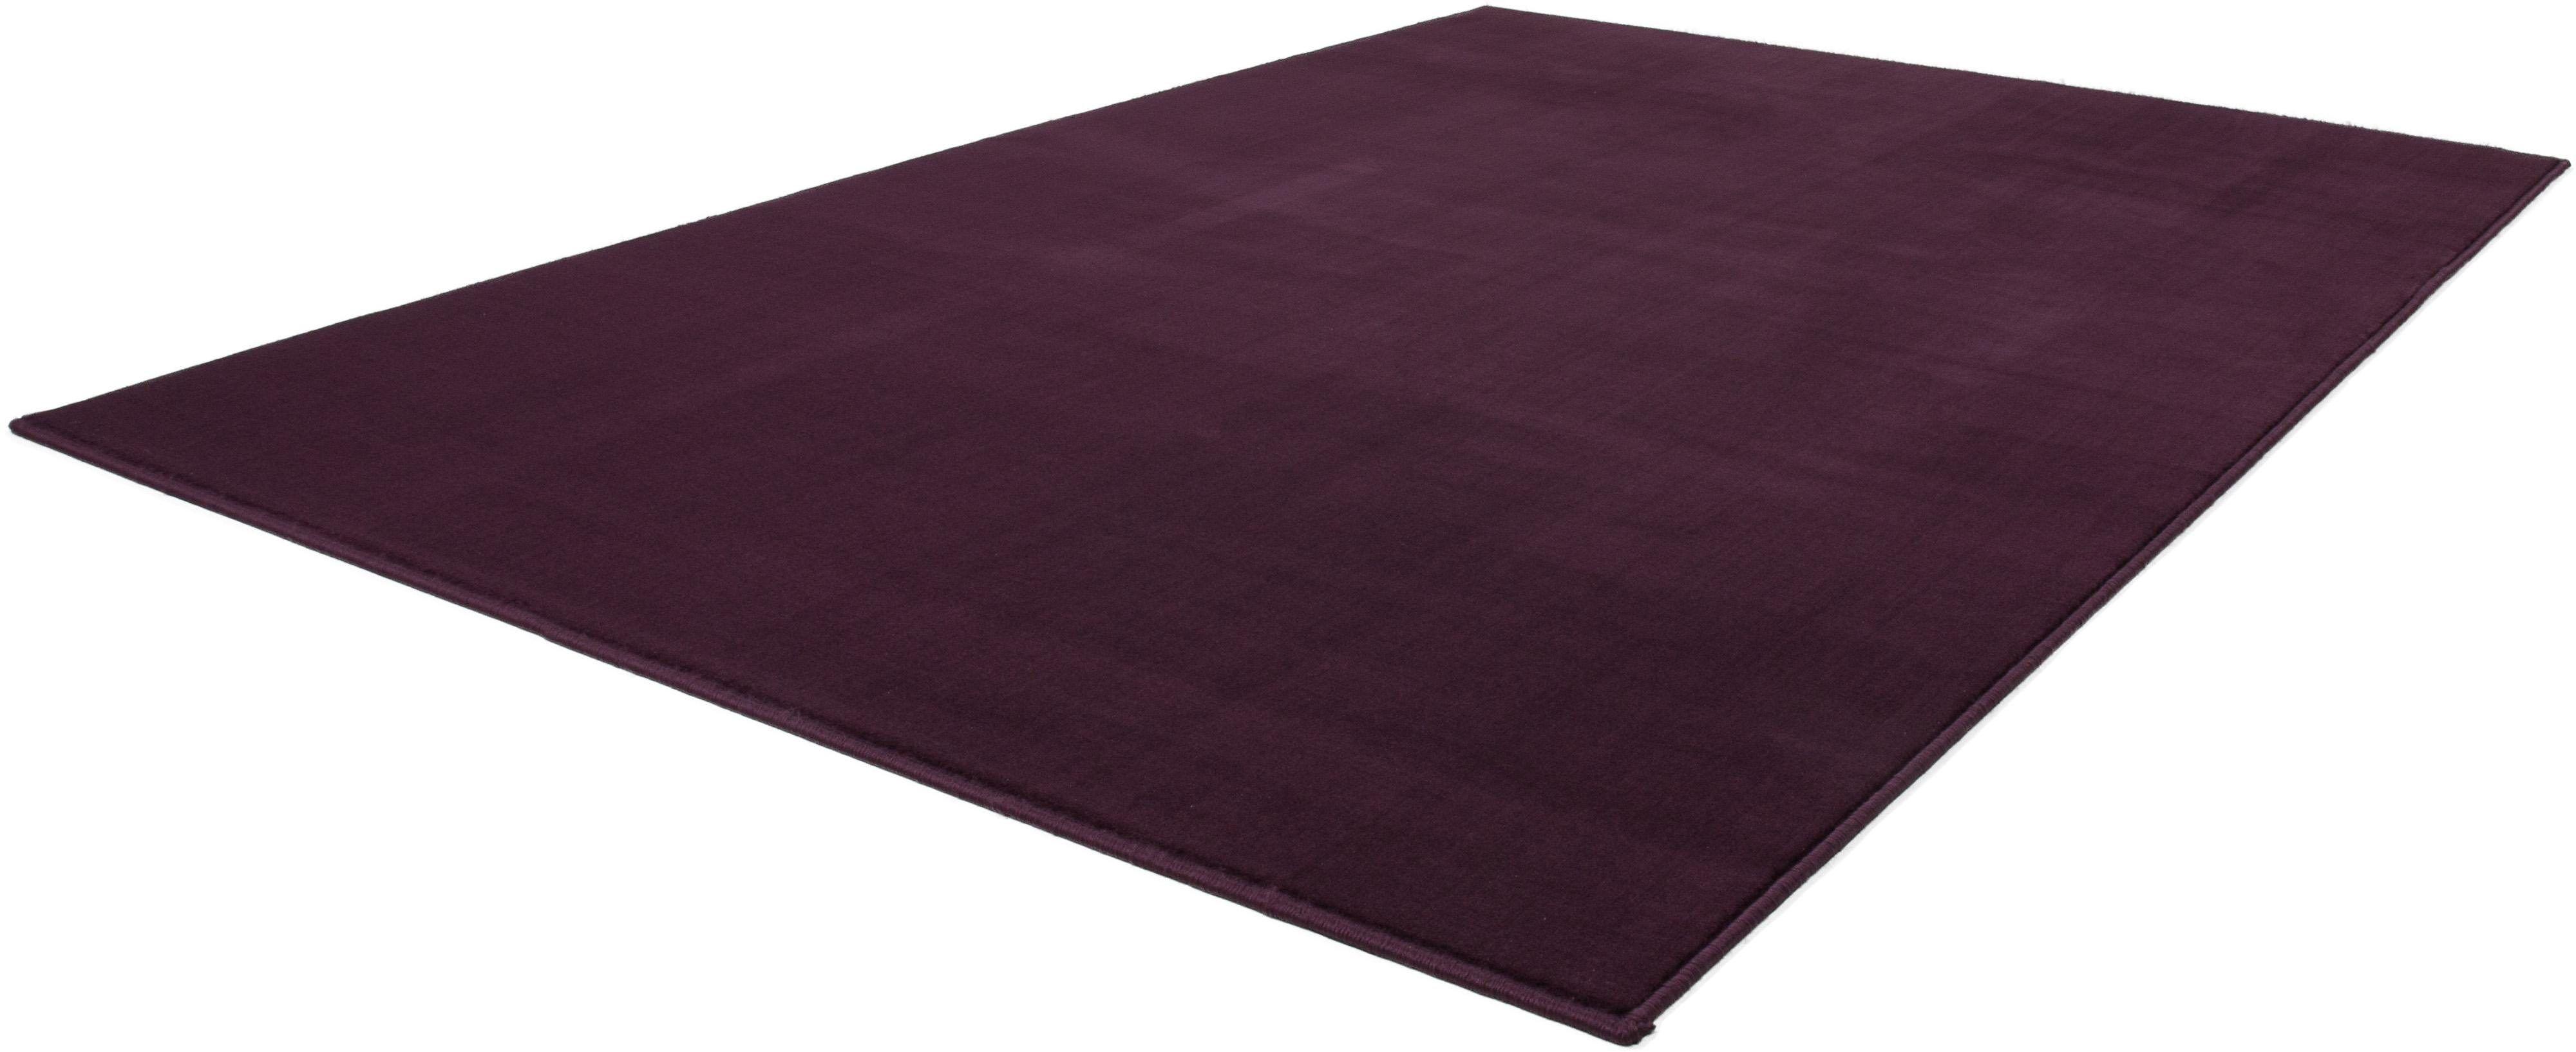 Teppich »Paysage 300« lila, B/L: 80x150cm, 10mm, strapazierfähig, Kayoom Jetzt bestellen unter: https://moebel.ladendirekt.de/heimtextilien/teppiche/sonstige-teppiche/?uid=bdff34b0-ff4b-5af6-9ec9-0f688c981ab3&utm_source=pinterest&utm_medium=pin&utm_campaign=boards #heimtextilien #teppich #sonstigeteppiche #teppiche